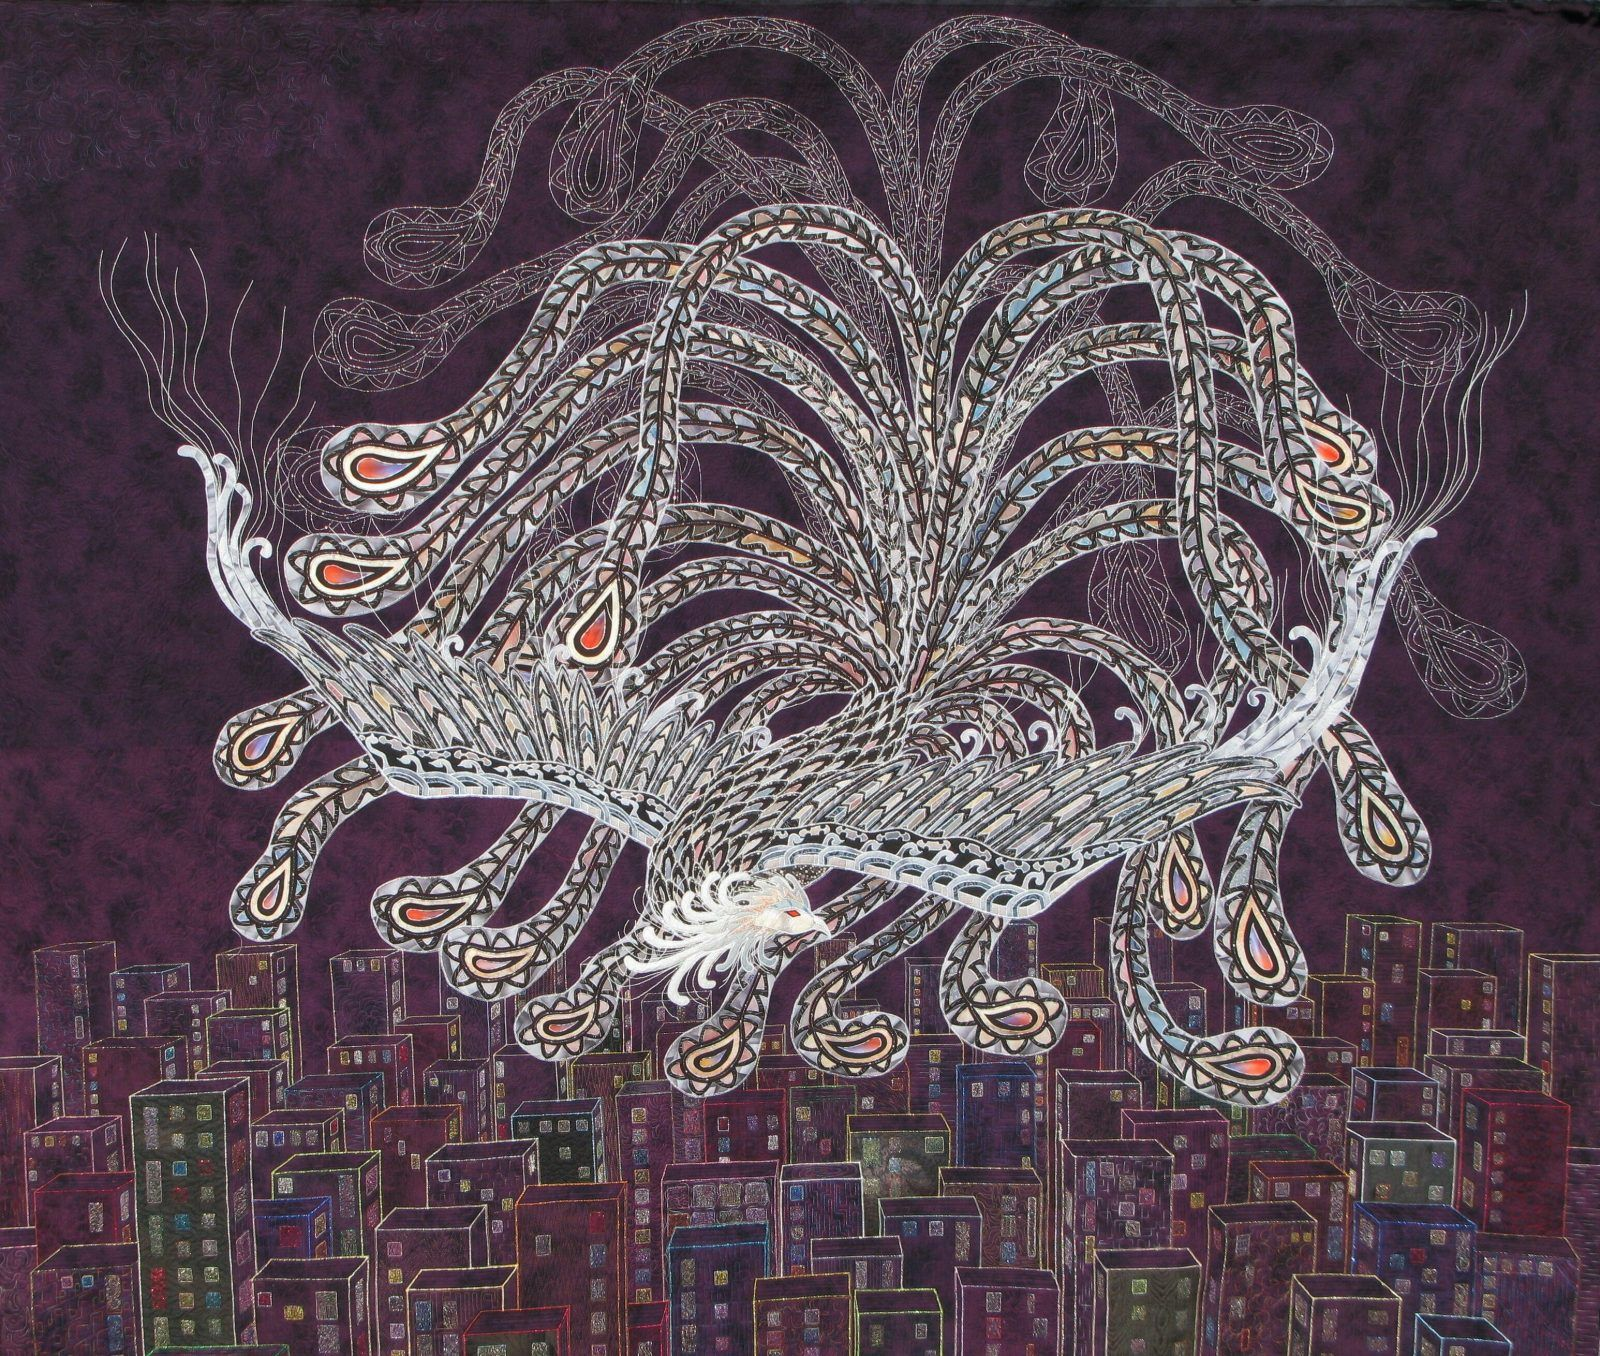 お江戸日本橋キルト展2017「Phoenix フェニックス」 – Patchwork Quilt パッチワークミシンキルトNakazawa Felisa 中沢フェリーサ